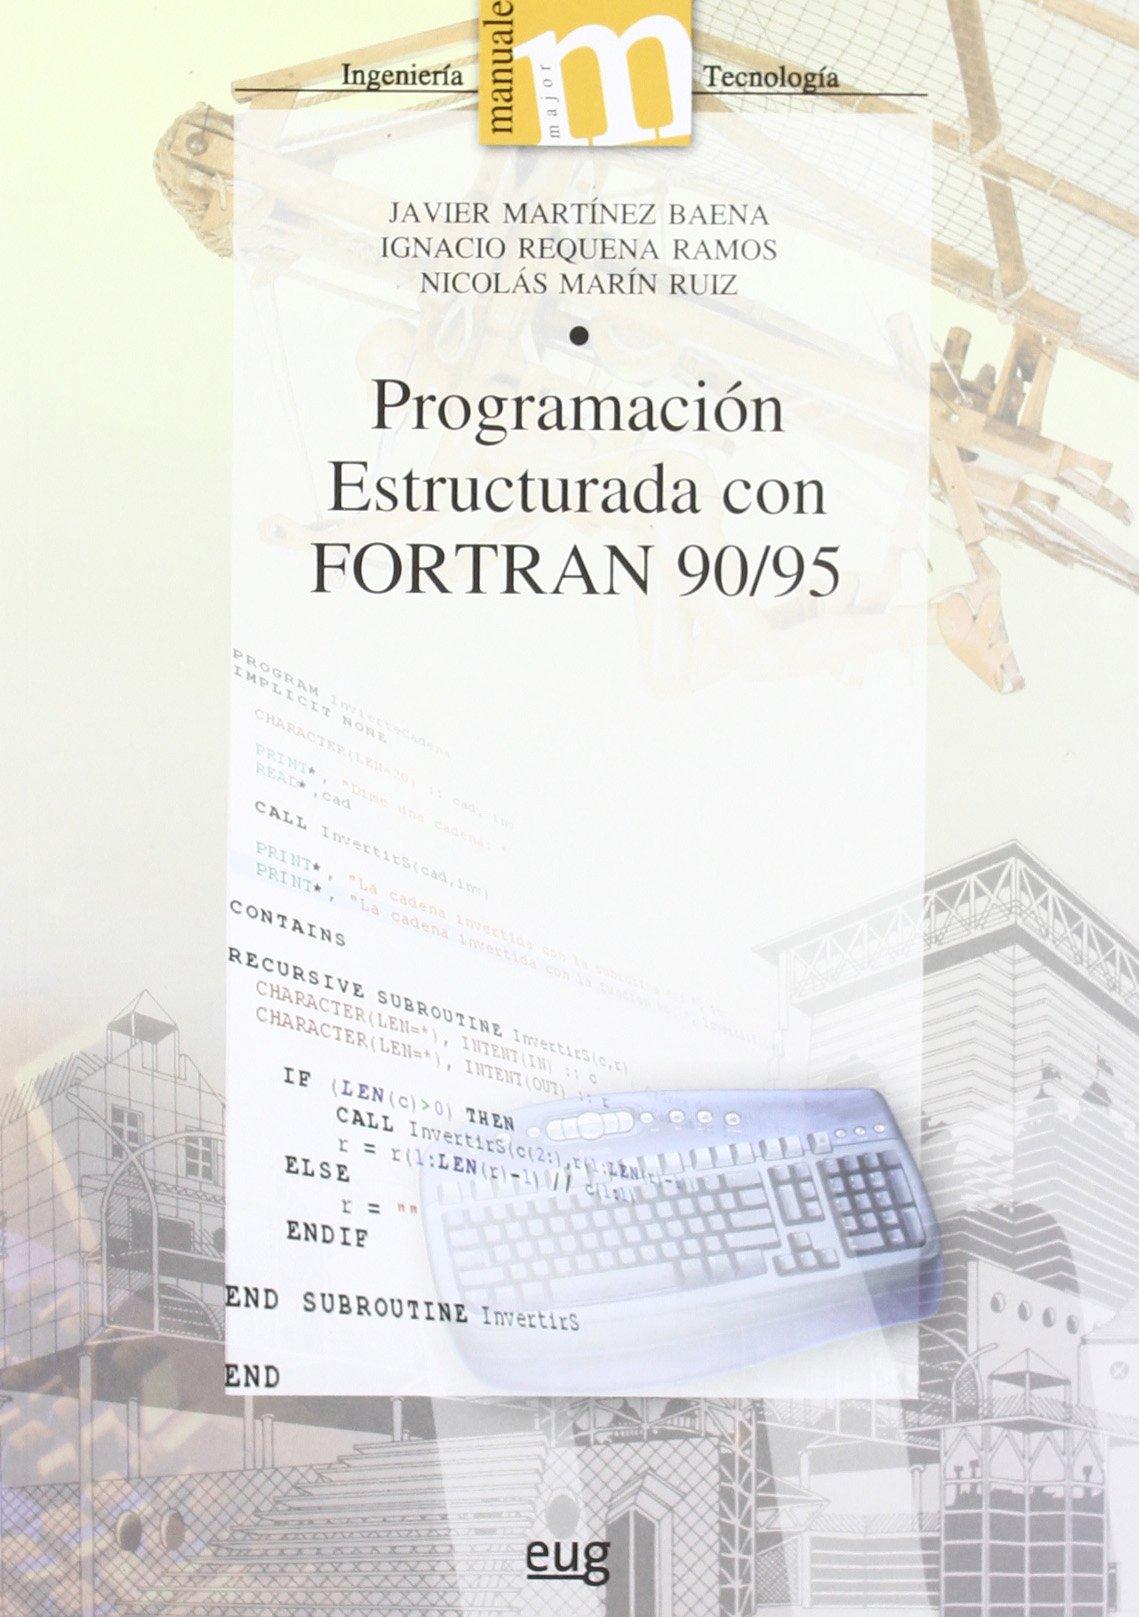 Programación estructurada con Fortran 90 / 95 (Manuales Major/ Ingeniería y Tecnología) Tapa blanda – 21 sep 2006 Ignacio Requena Ramos Javier Martínez Nicolas Marín Ruíz 8433839233